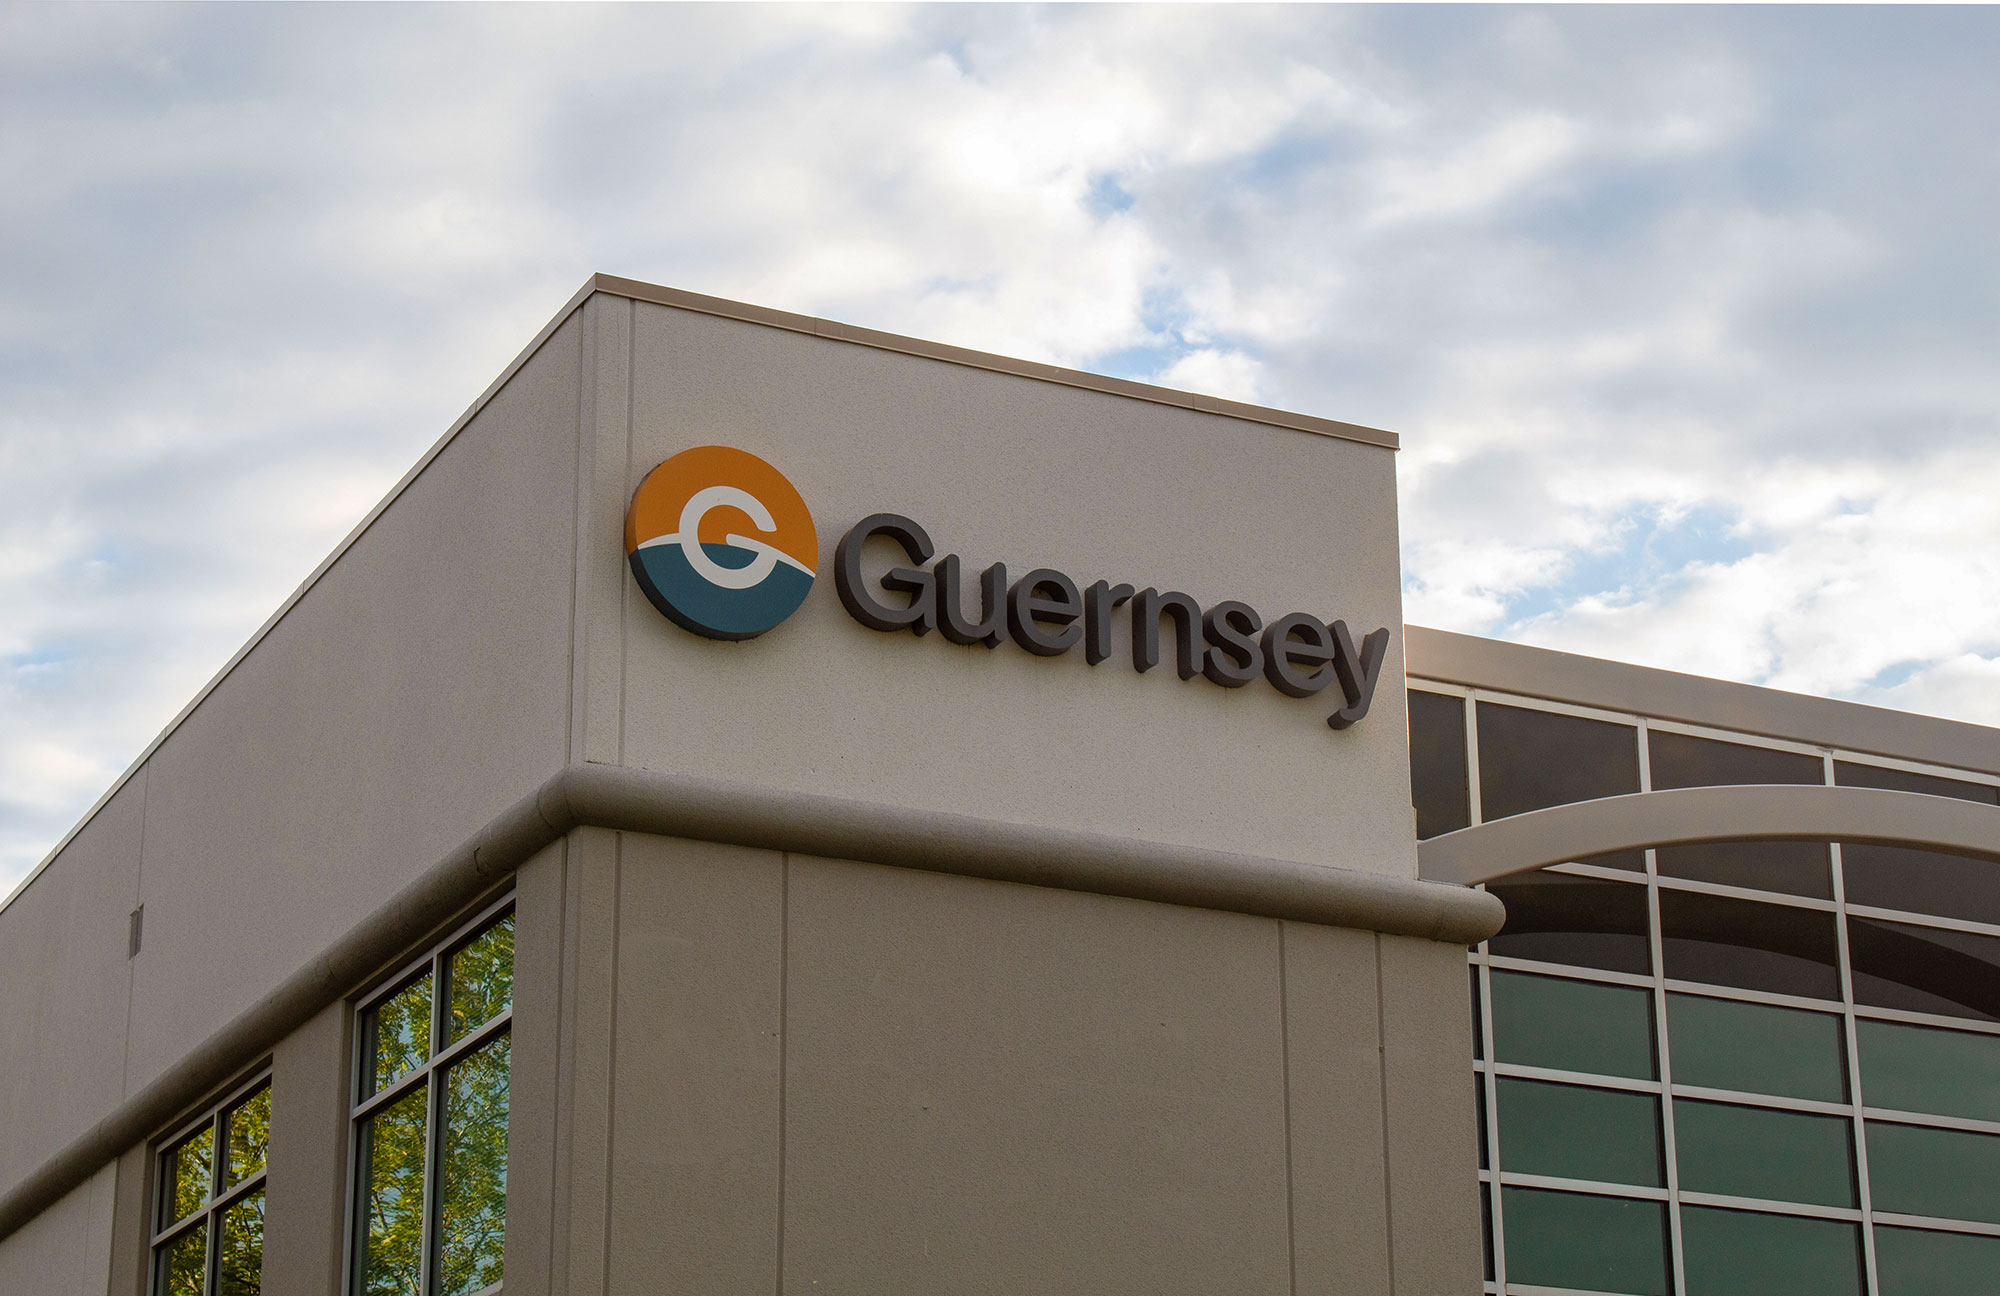 Guernsey Building Exterior